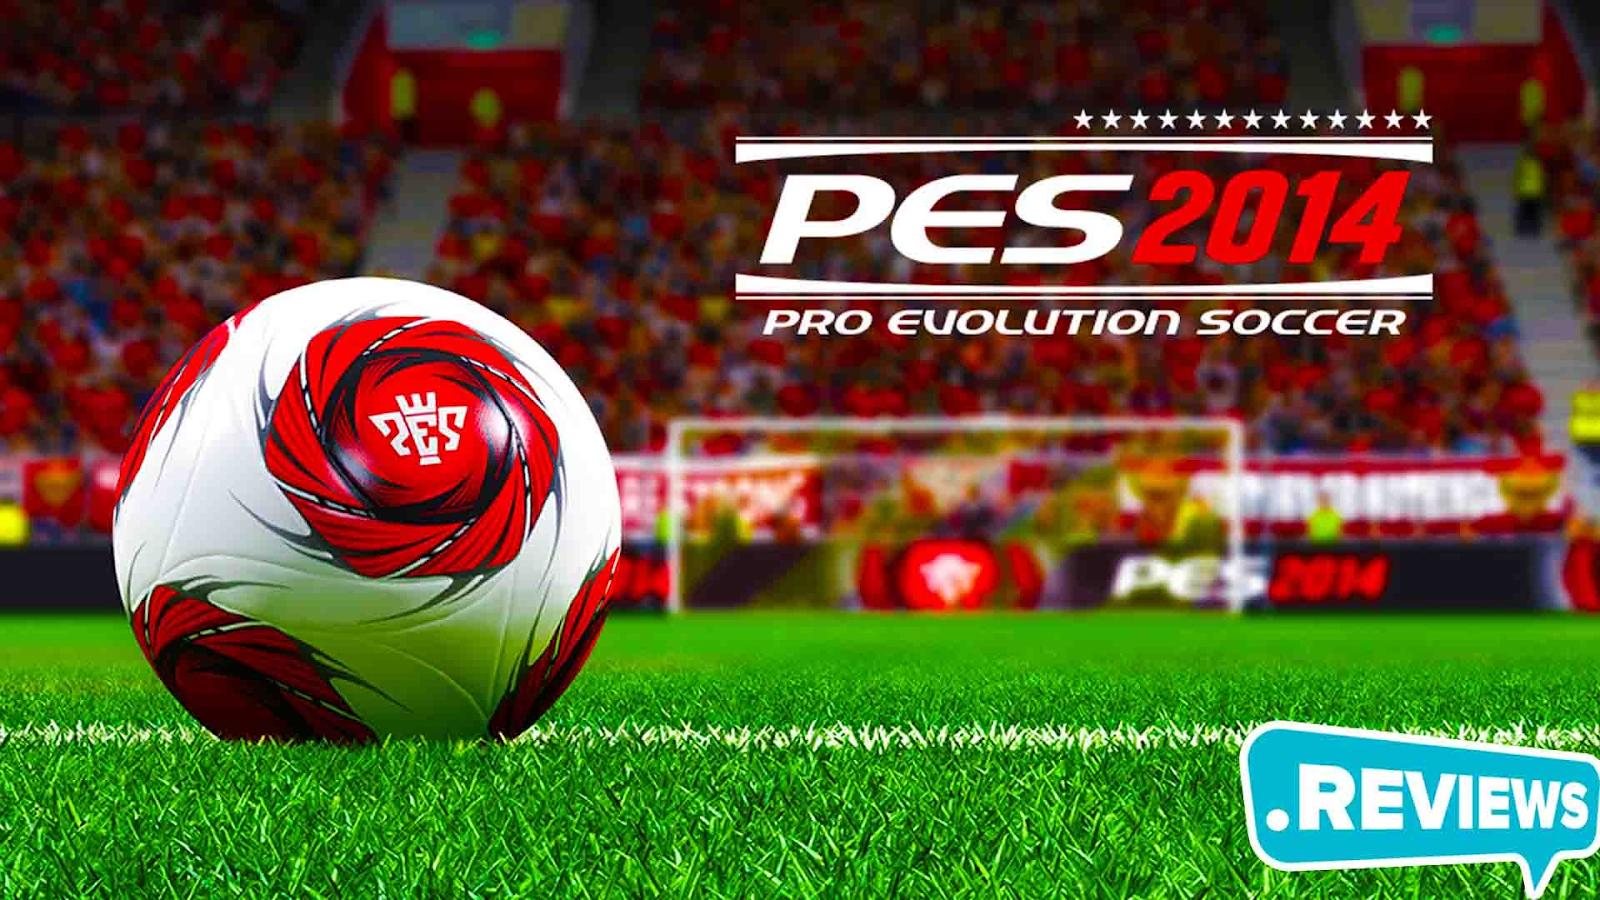 PES 2014 là viết tắt của Pro Evolution Soccer 2014, là sản phẩm game bóng đá